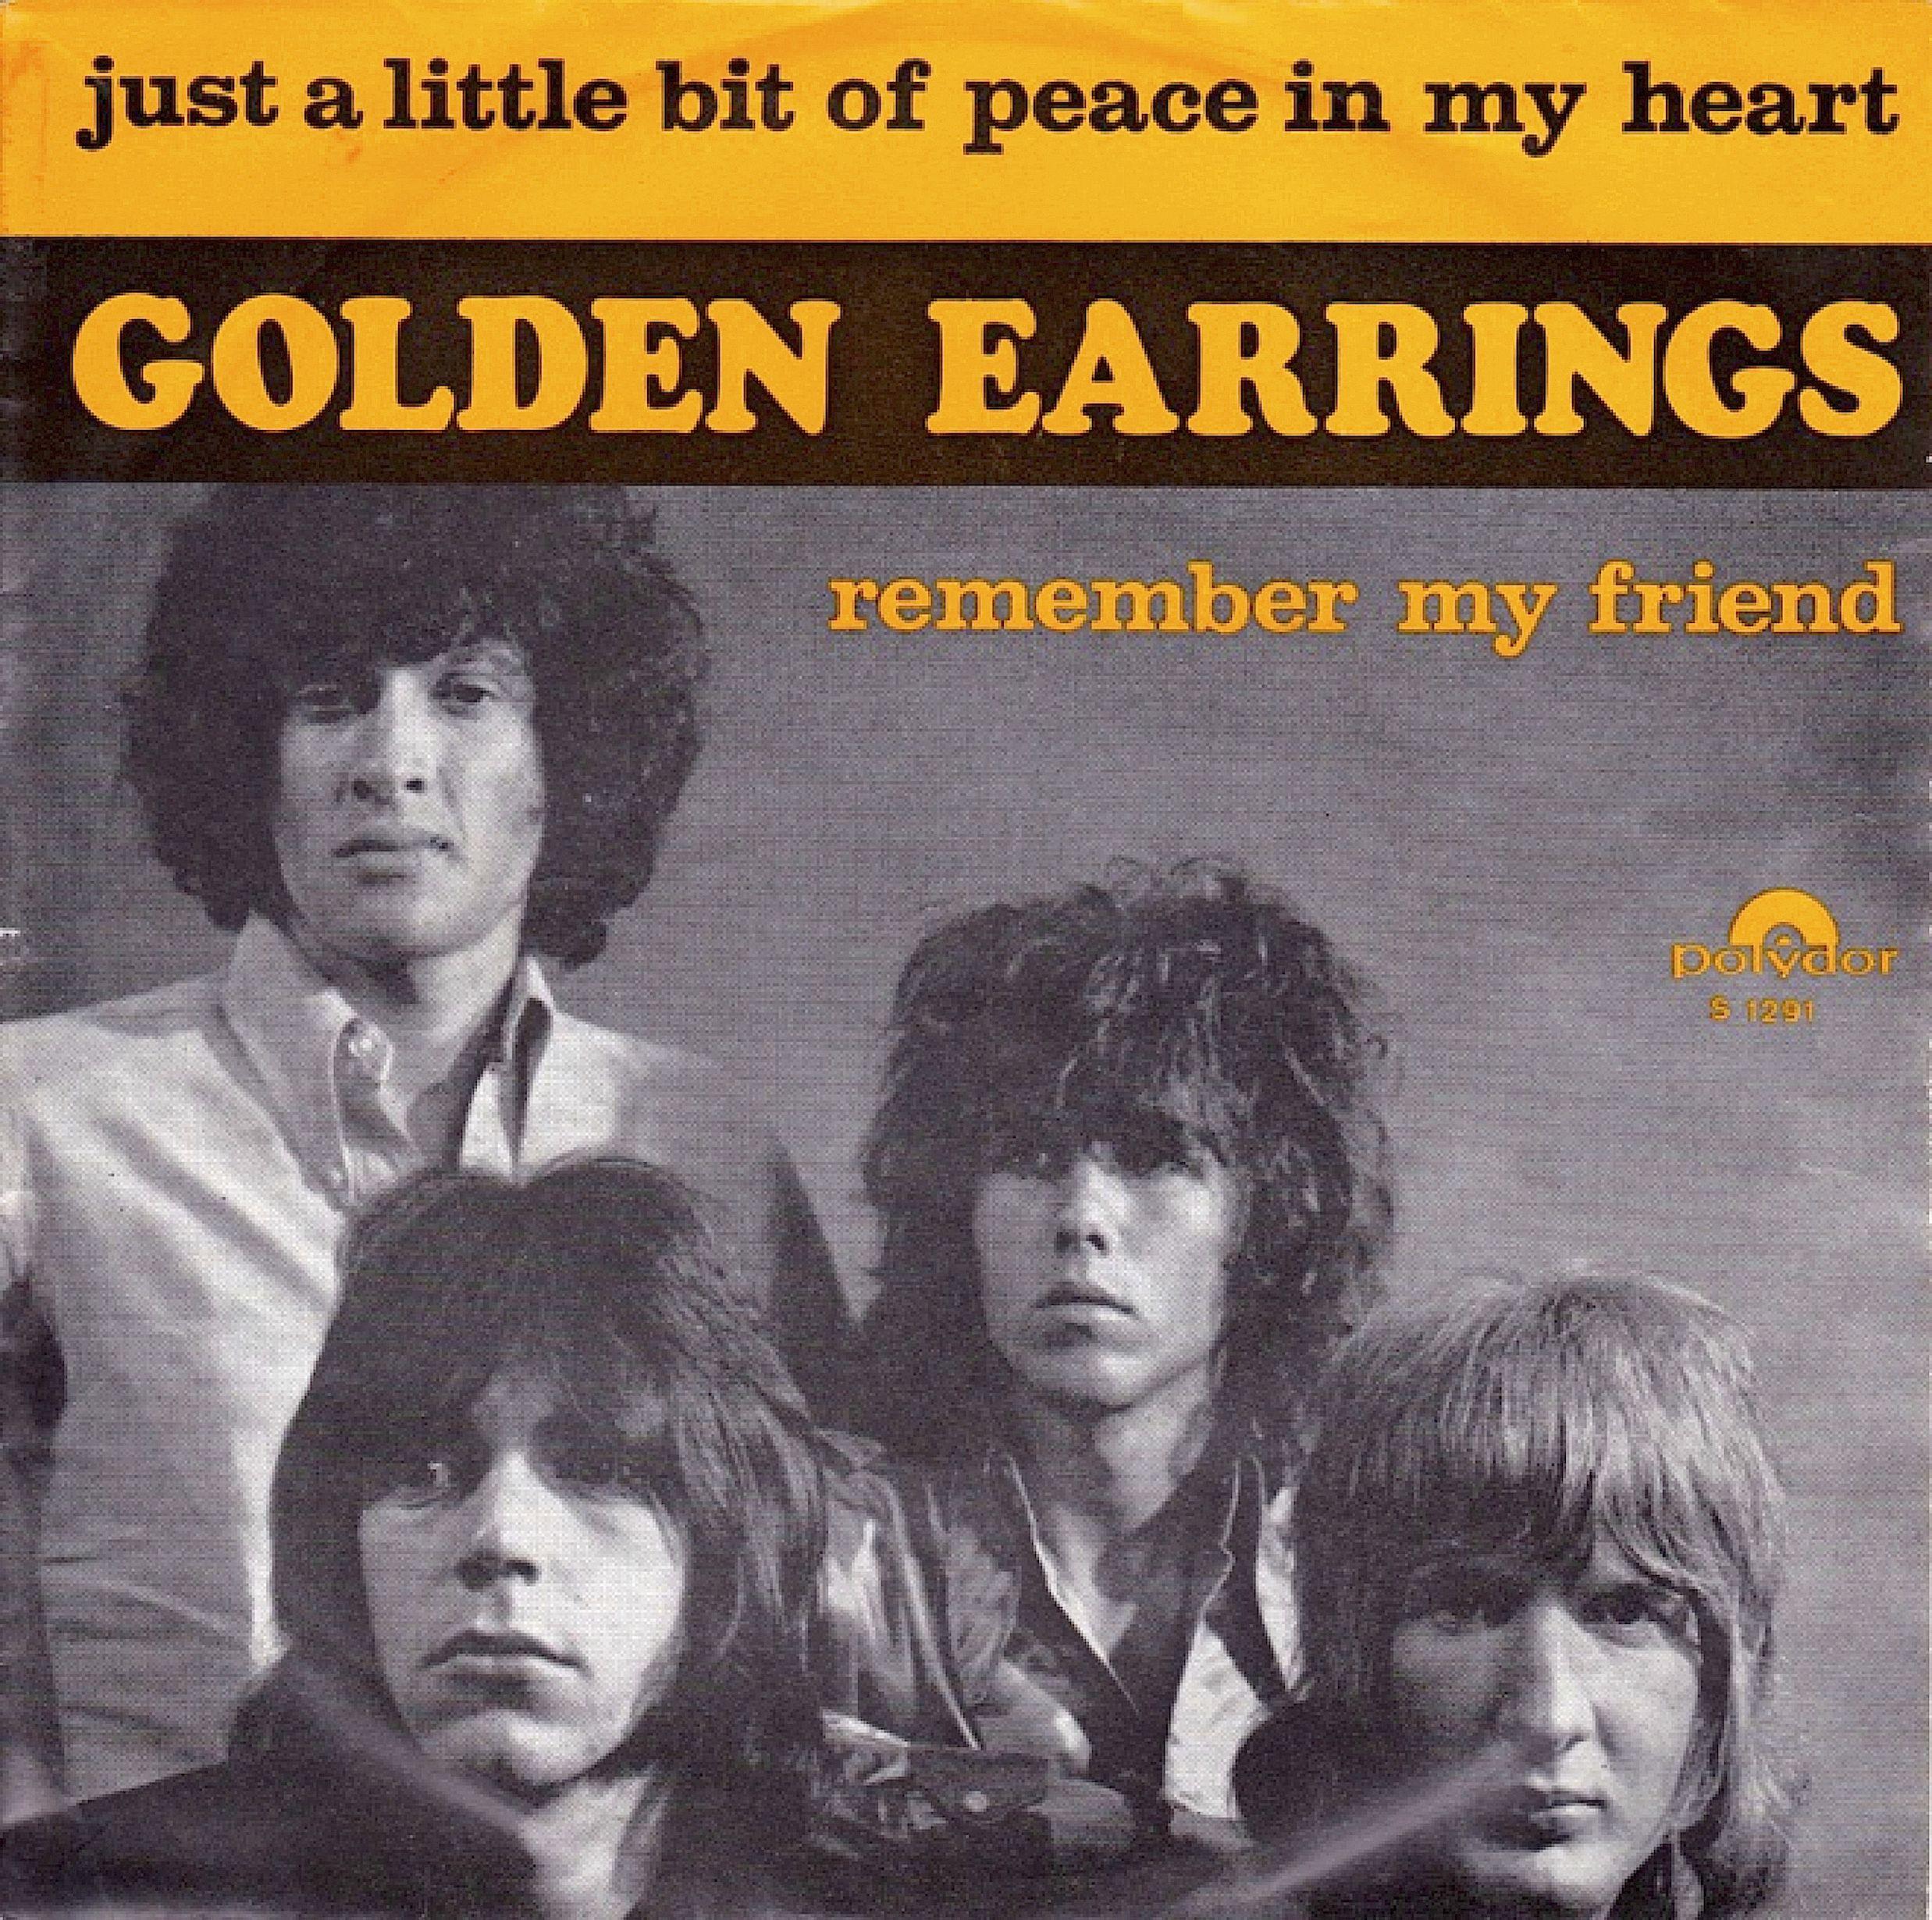 SINGLE VAN DE WEEK: GOLDEN EARRINGS - JUST A LITTLE BIT OF PEACE IN MY HEART Uitgebracht in 1968 met als hoogste notering de 1e plaats in de Nederlandse Top 40. En welke singles had jij van de Golden Earrings? YouTube: youtube.com/watch?v=nq2X6LaKXew Spotify: open.spotify.com/track/0pfZxcvVdmGcHcJVbSC3P3